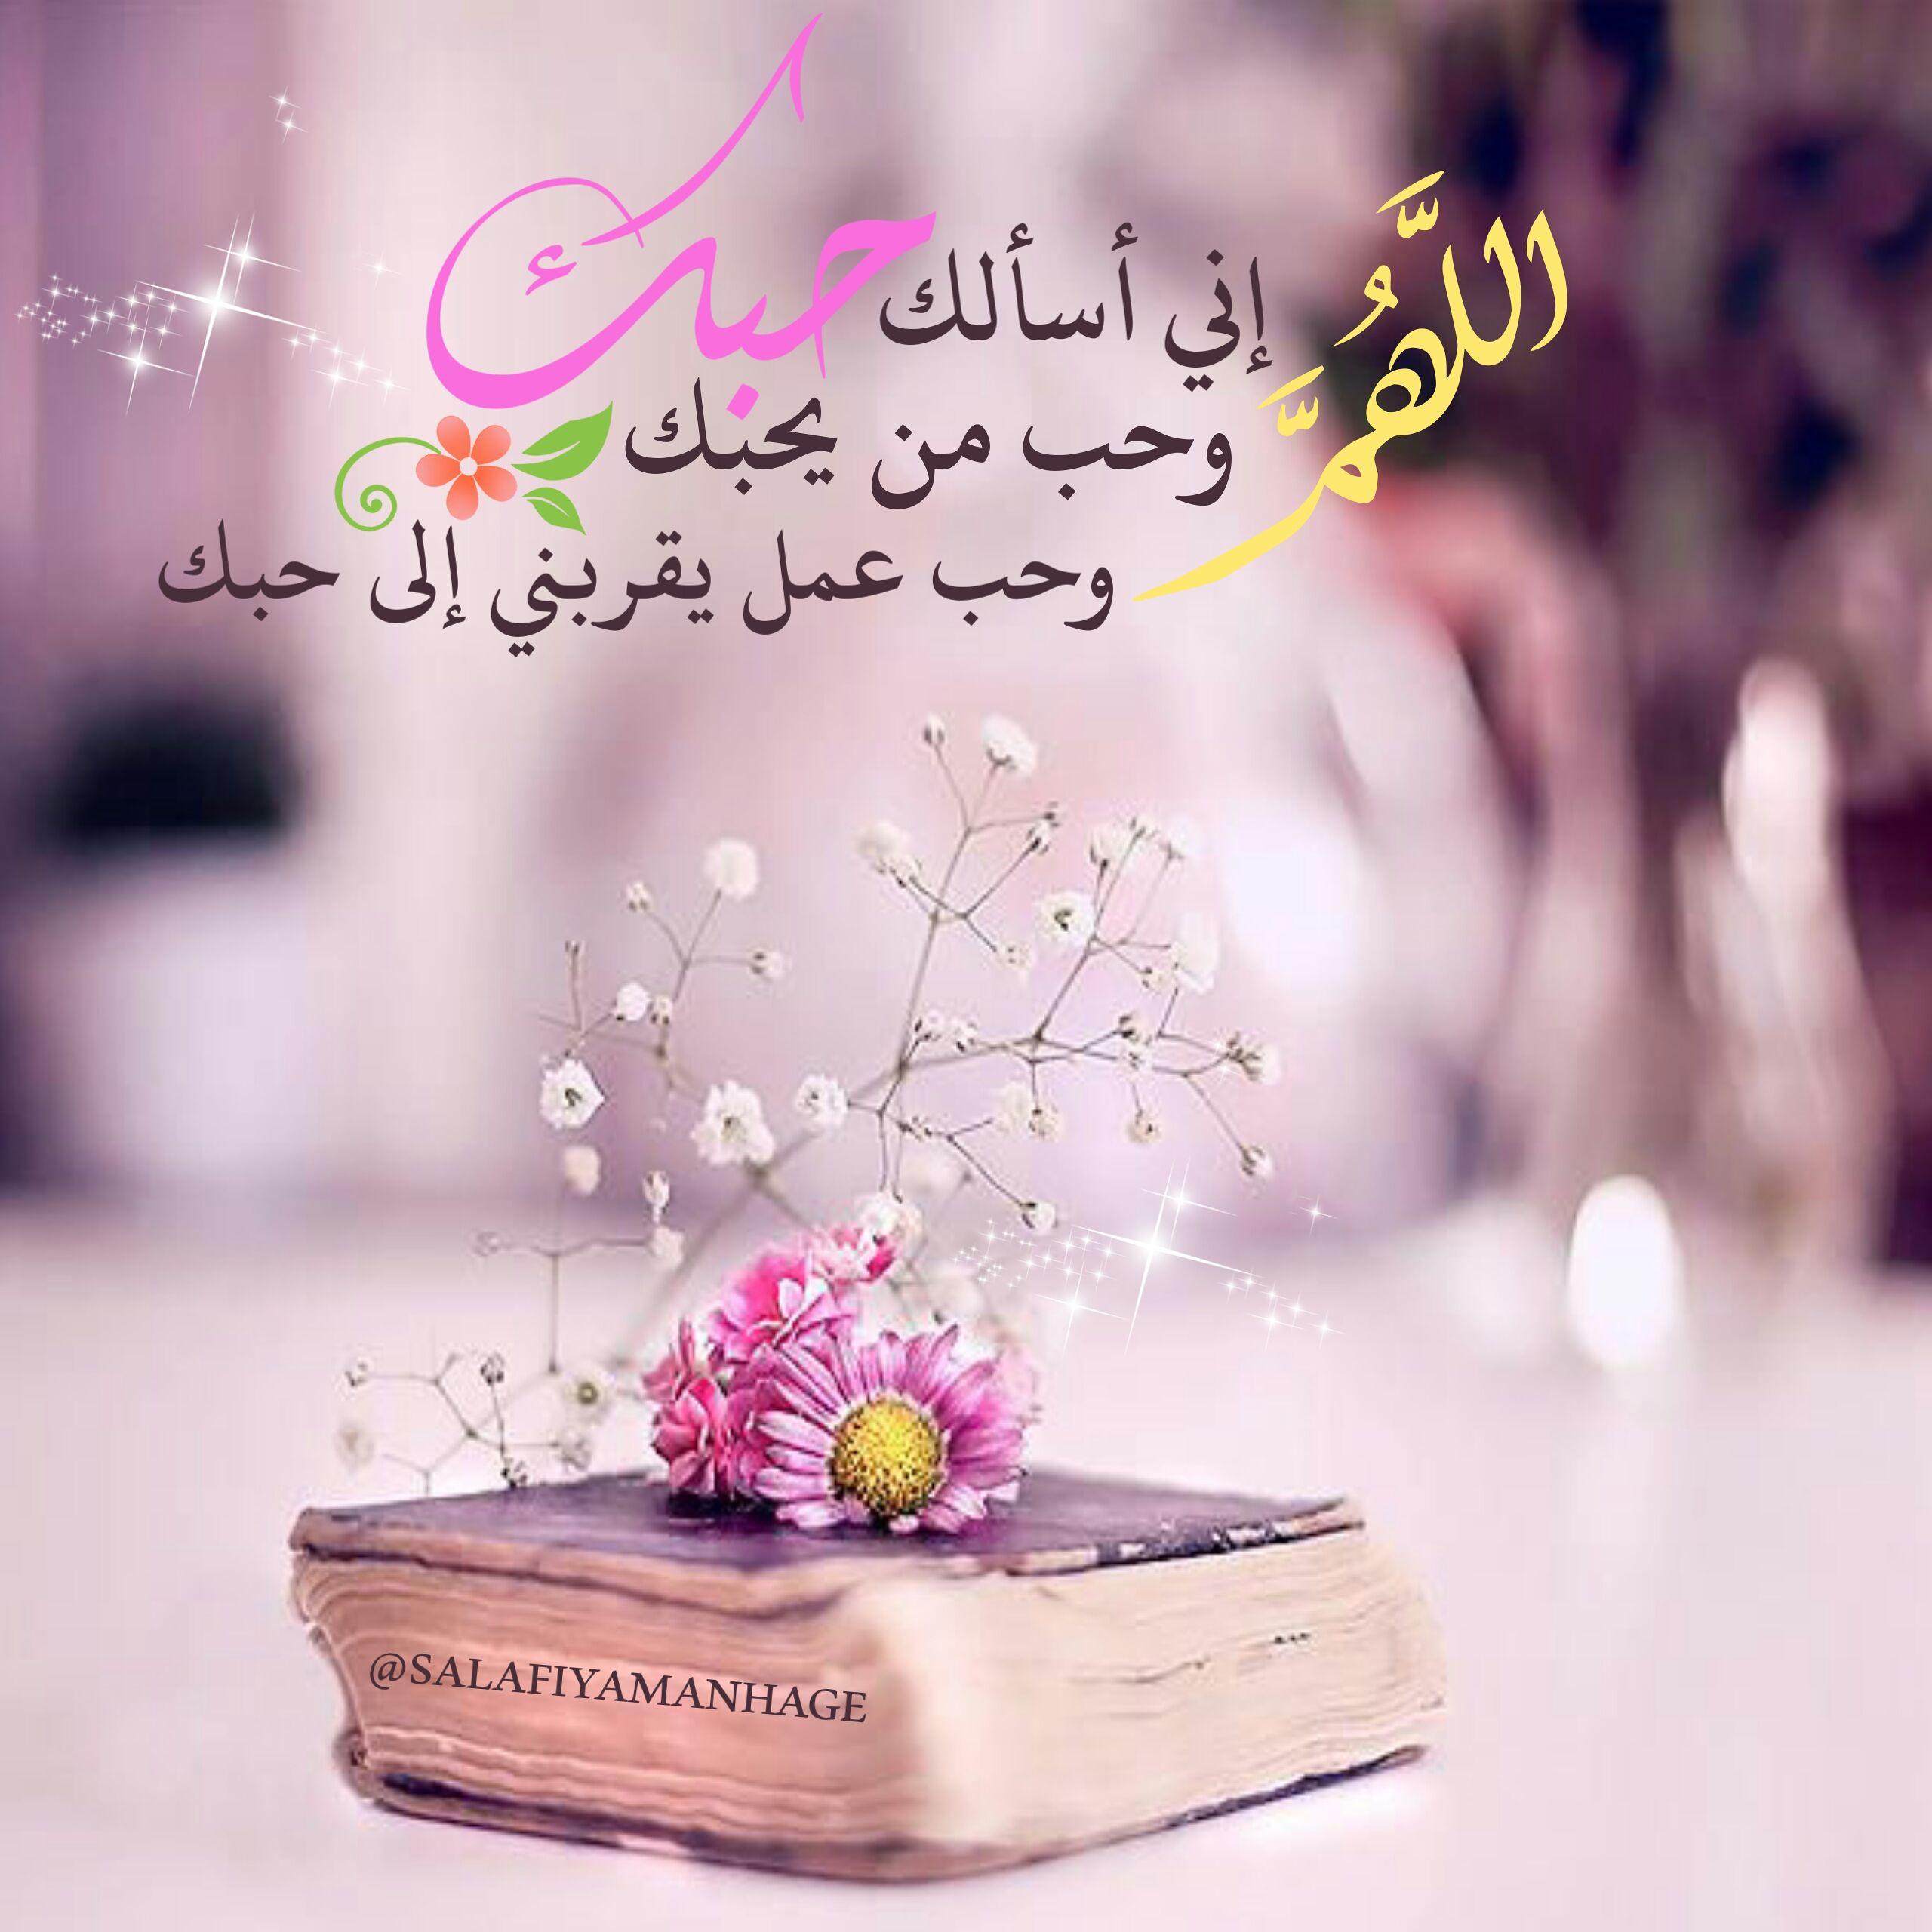 الصواب الاخلاص القبول الثبات حسن الخاتمة Words Of Encouragement Words Of Wisdom Words